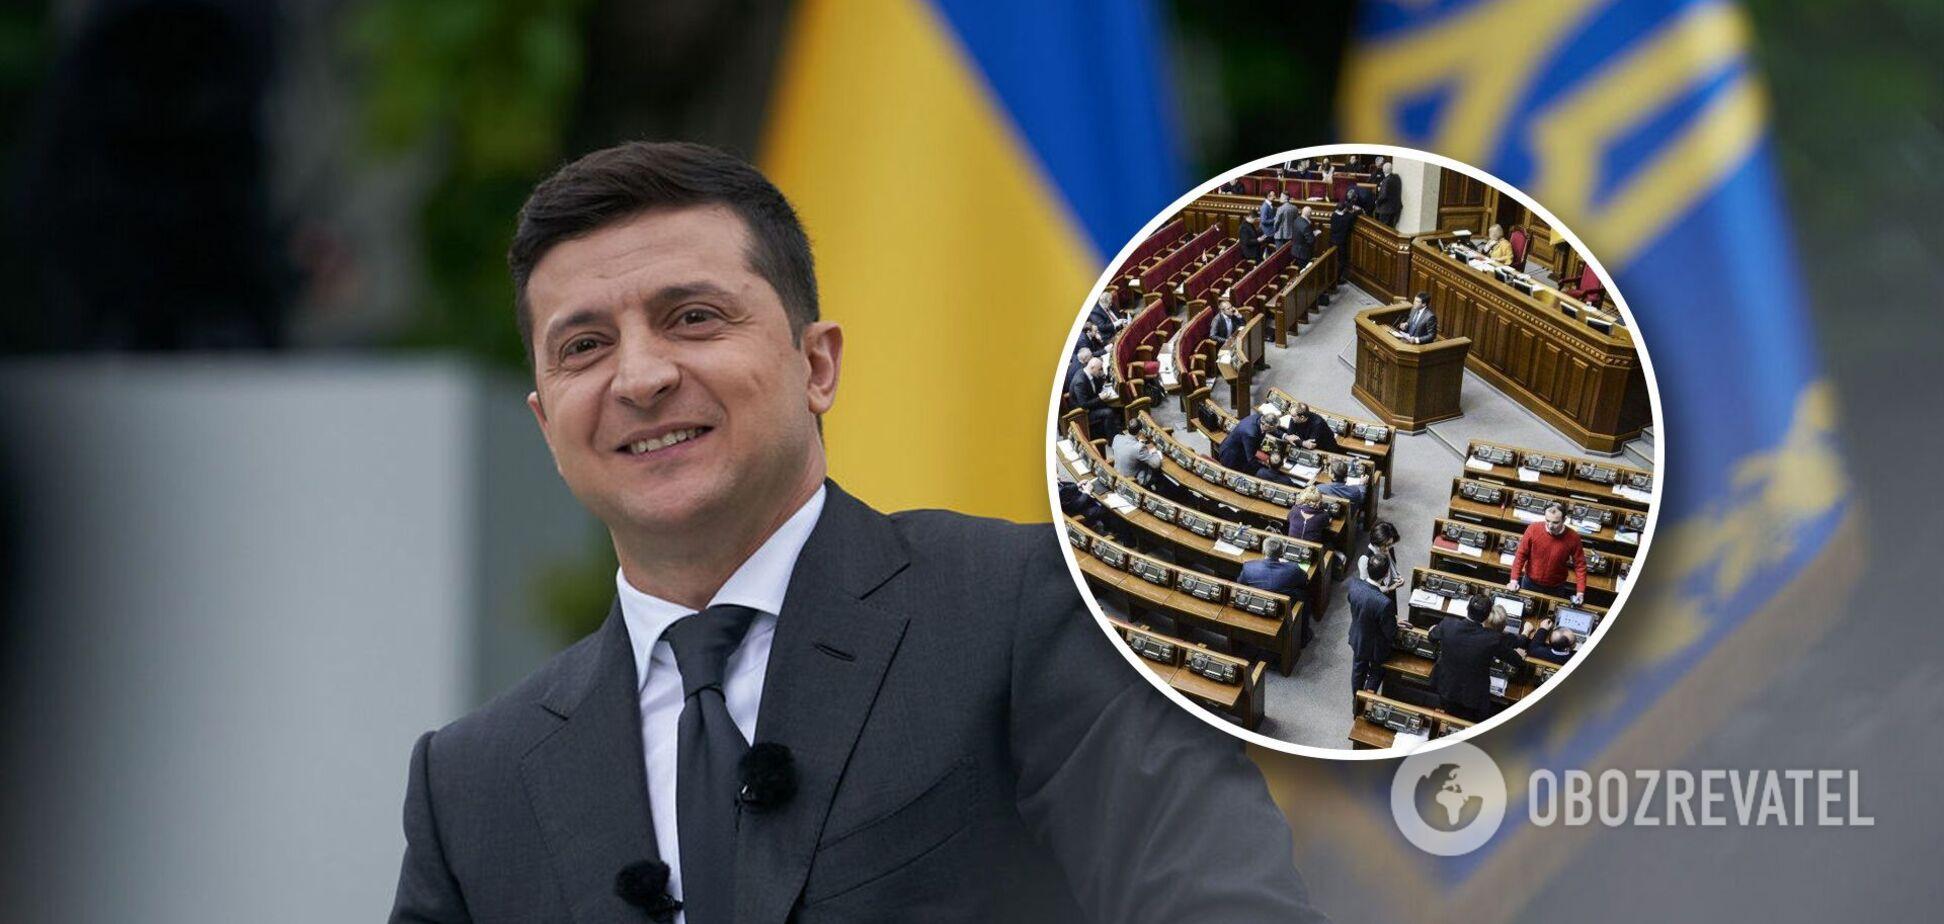 Пообещал вернуть Крым и послал несогласных в Россию: главные месседжи ежегодного обращения Зеленского